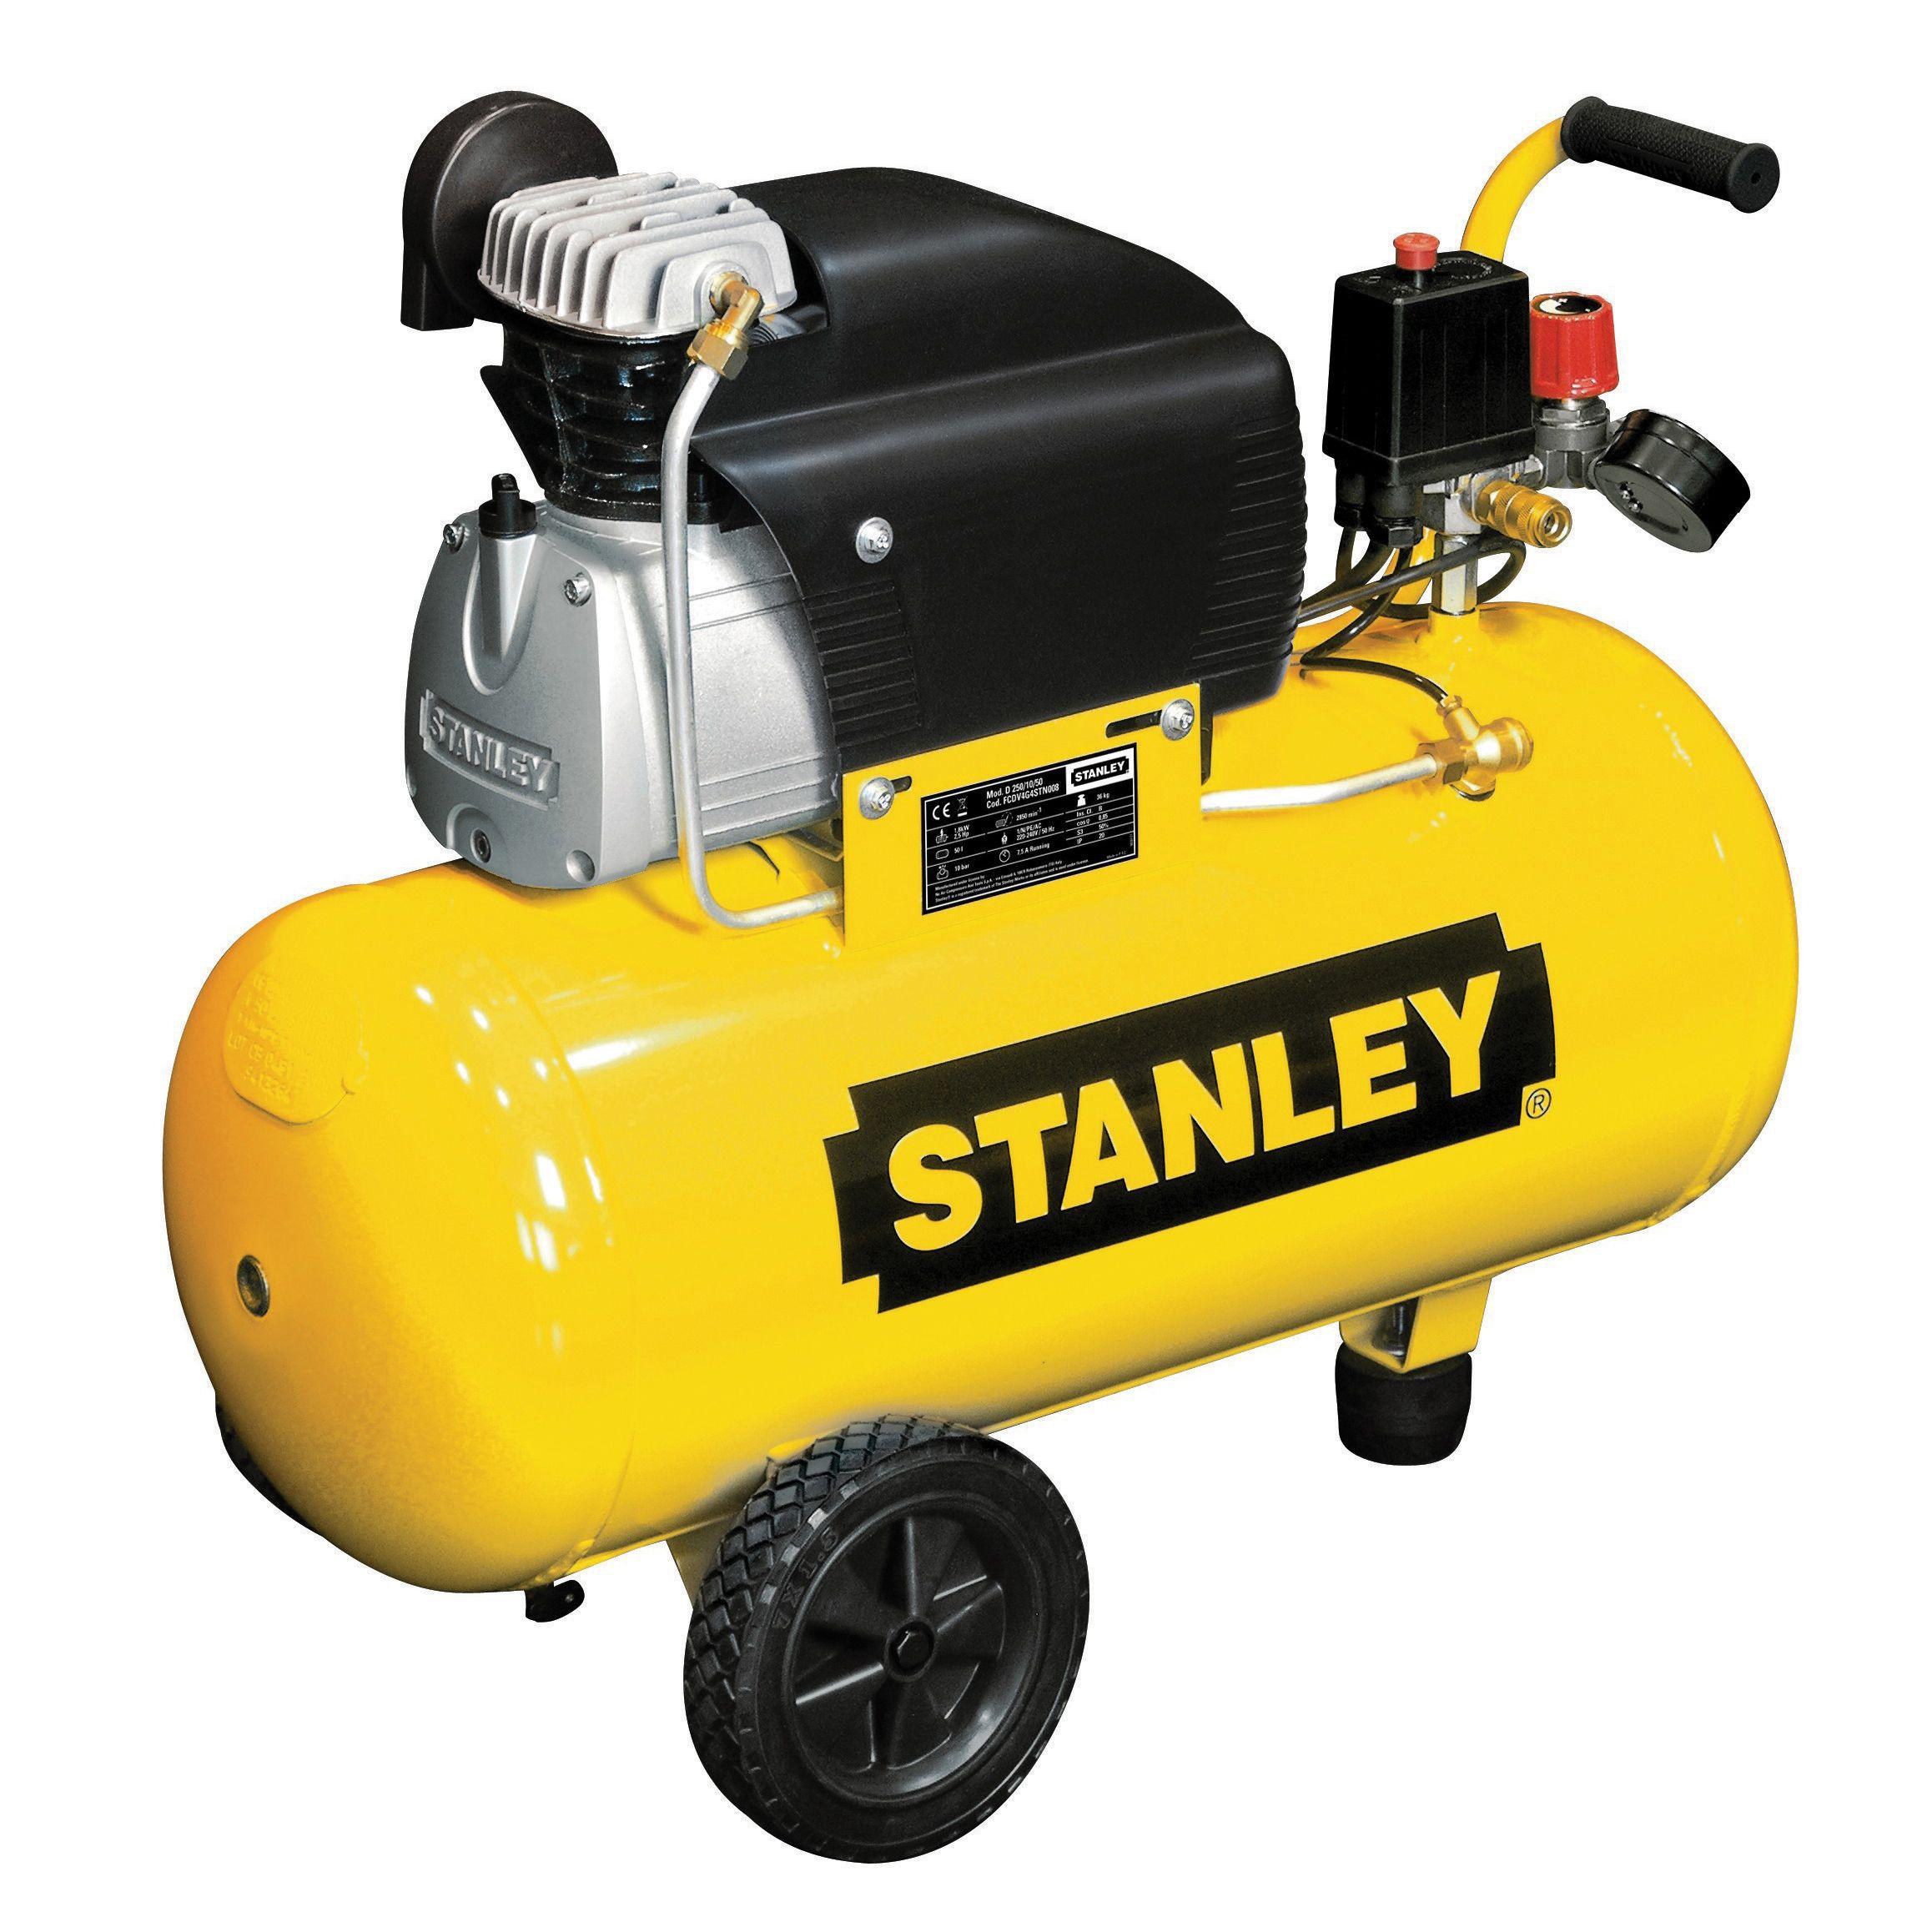 Stanley Compressor 1x 5m Spiral Hose Amp 2x Wheels